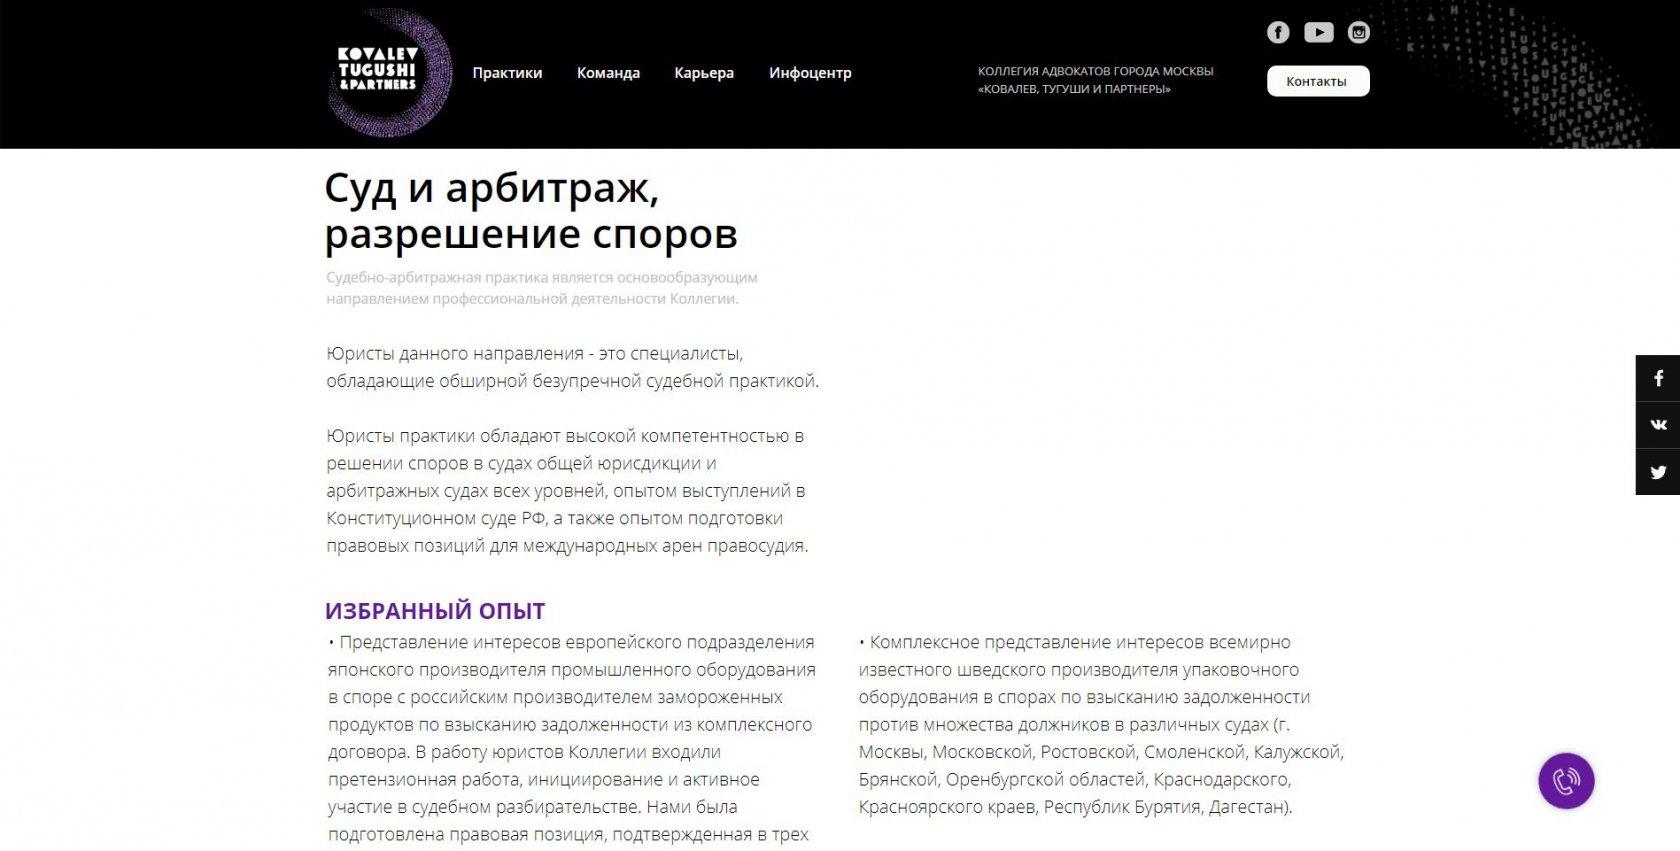 разрешение арбитражных споров в суде г москва